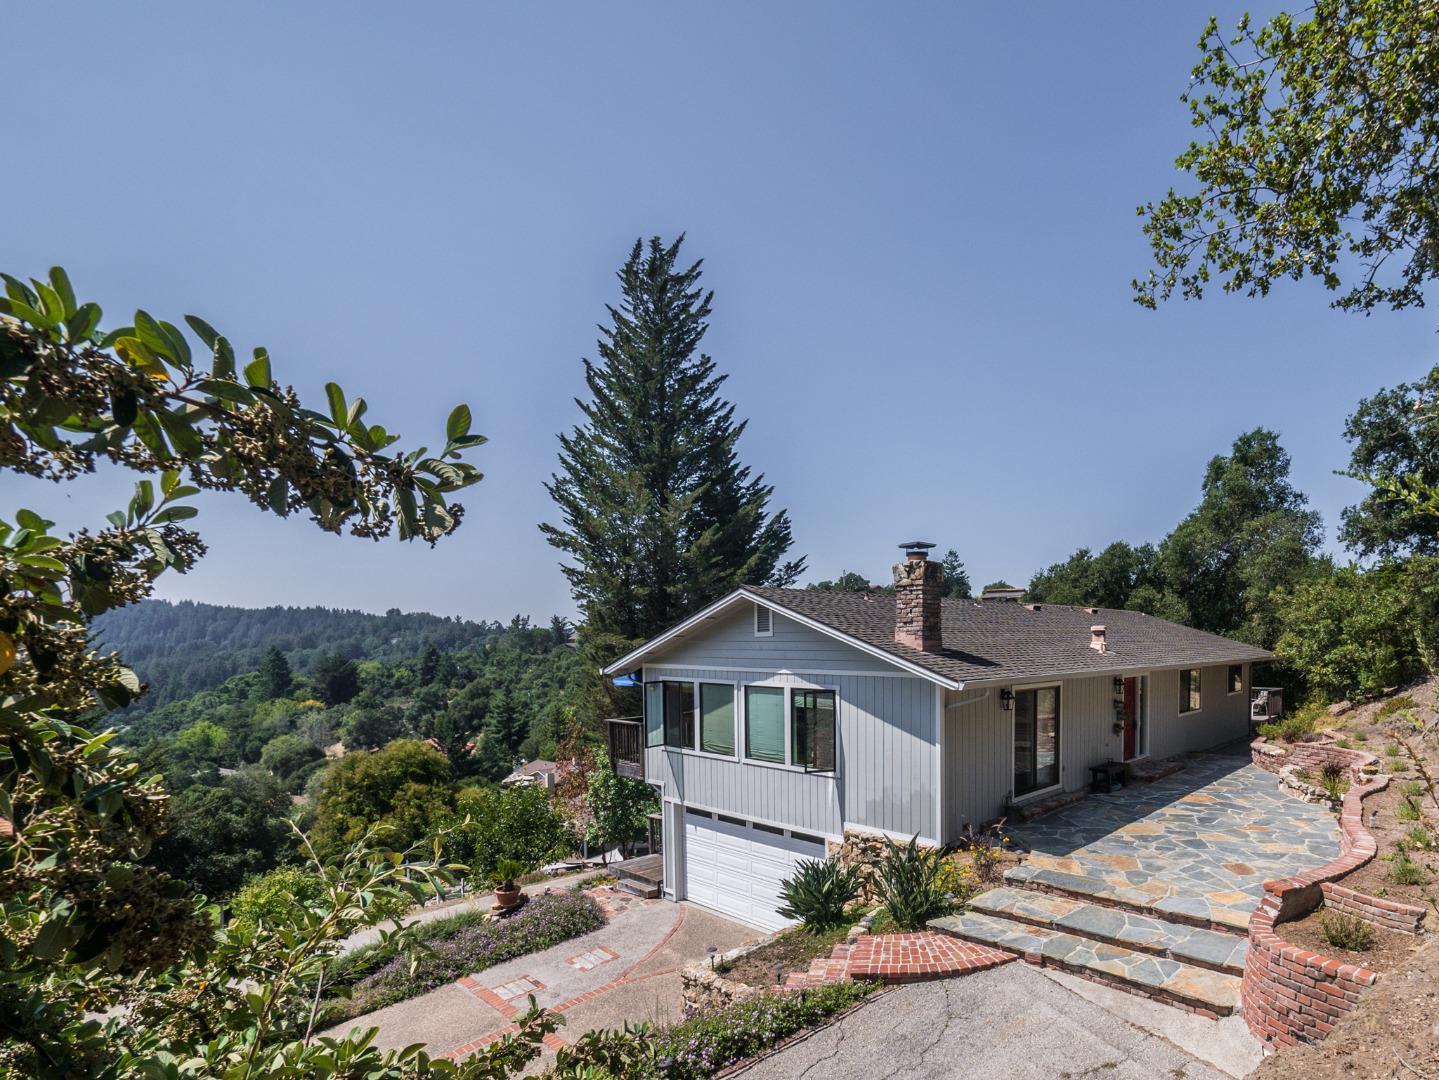 Частный односемейный дом для того Продажа на 237 Blossom Way Scotts Valley, Калифорния 95066 Соединенные Штаты